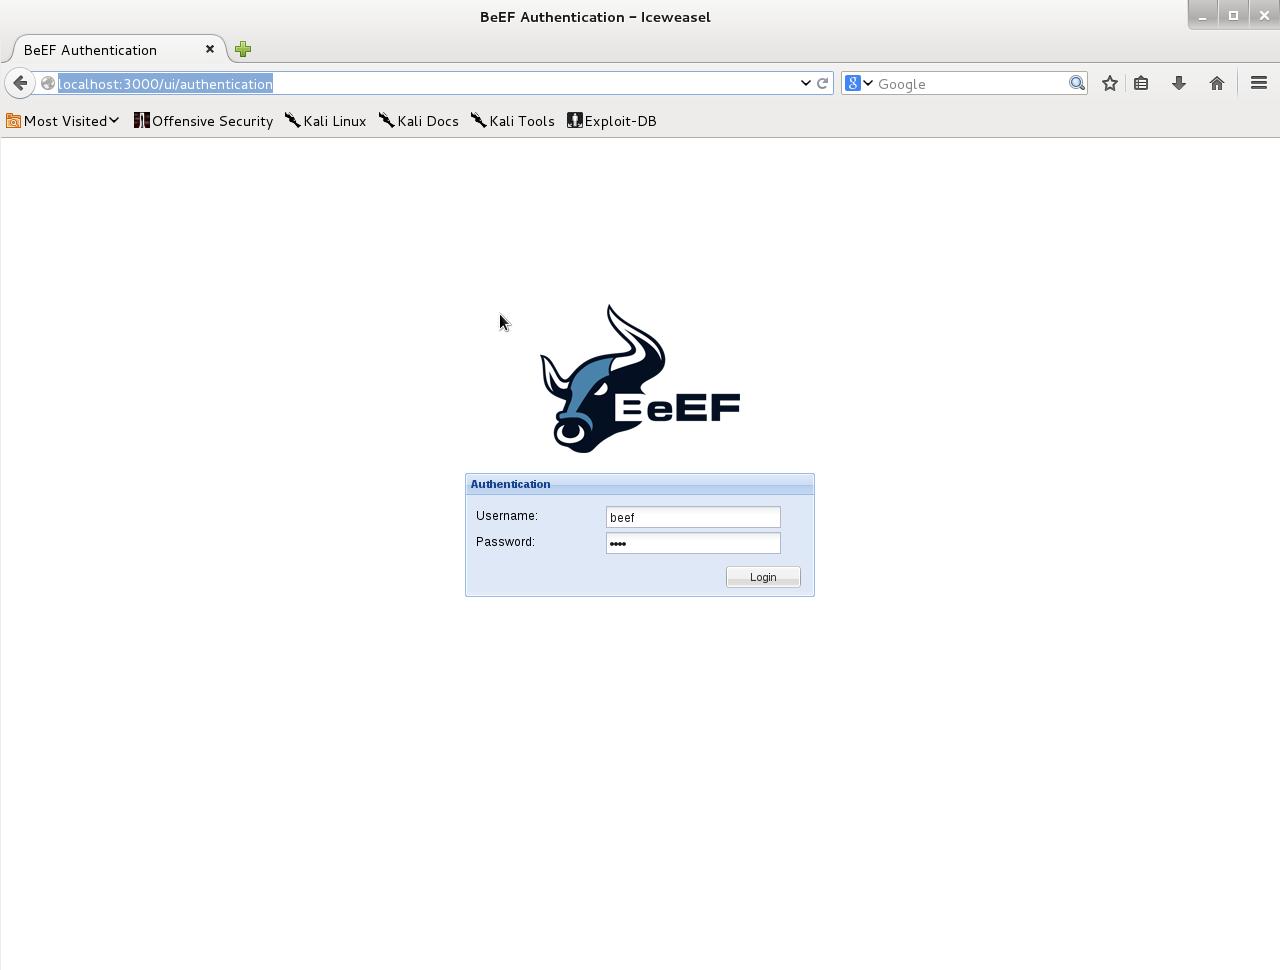 Открываем BeEF с любым браузером